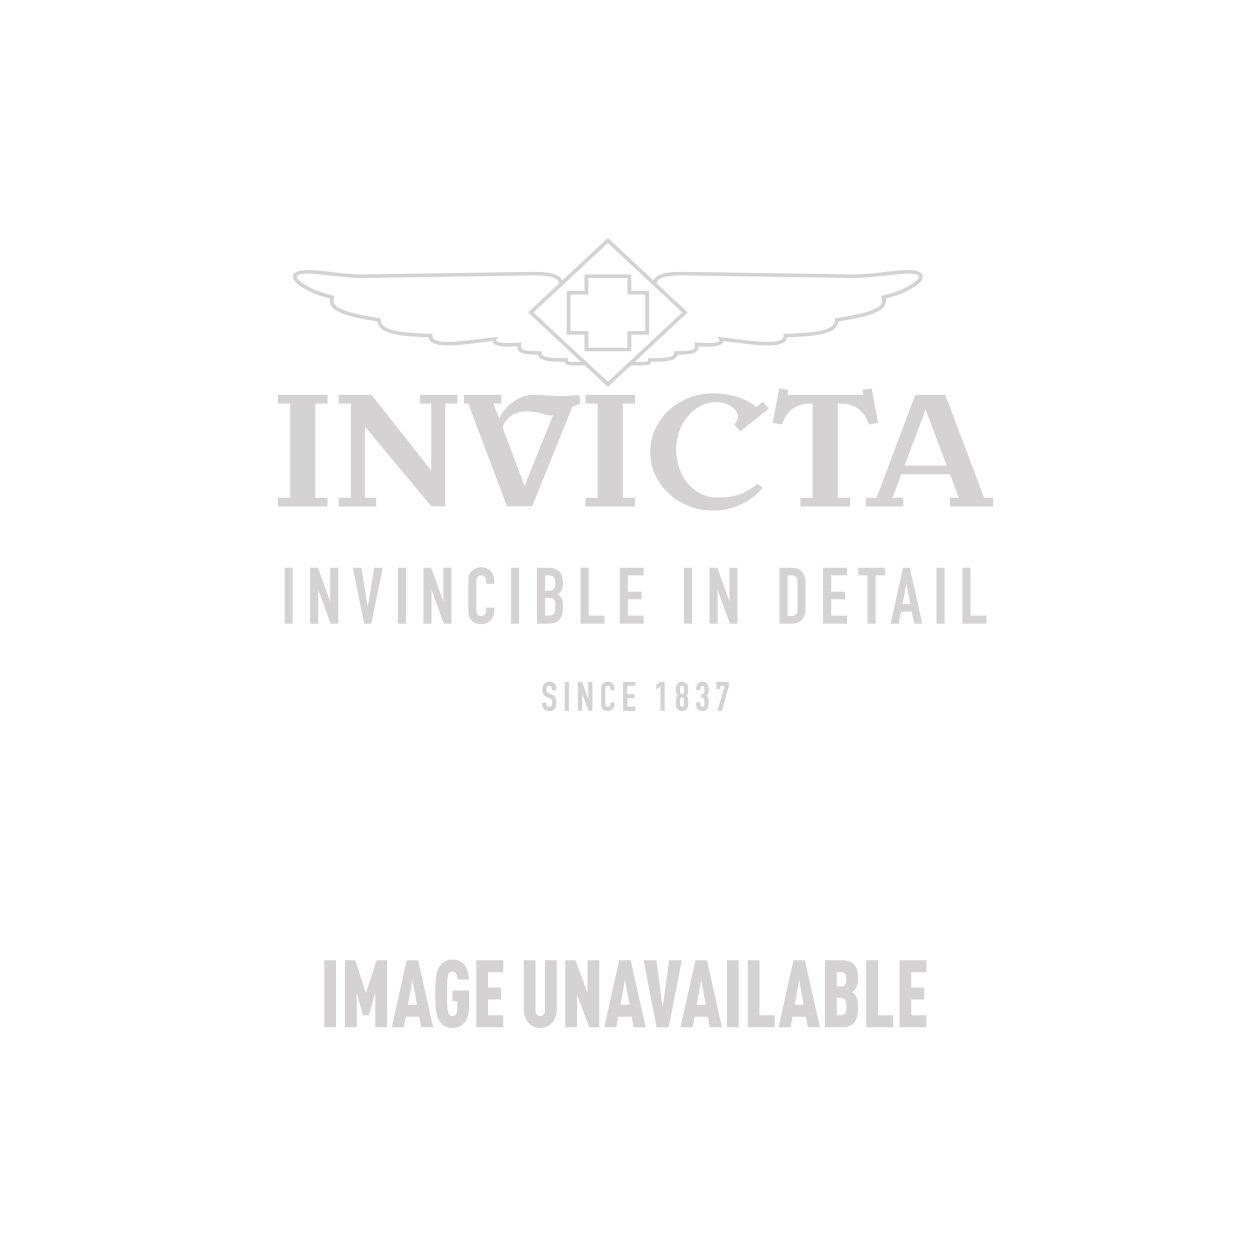 Invicta Model 23981